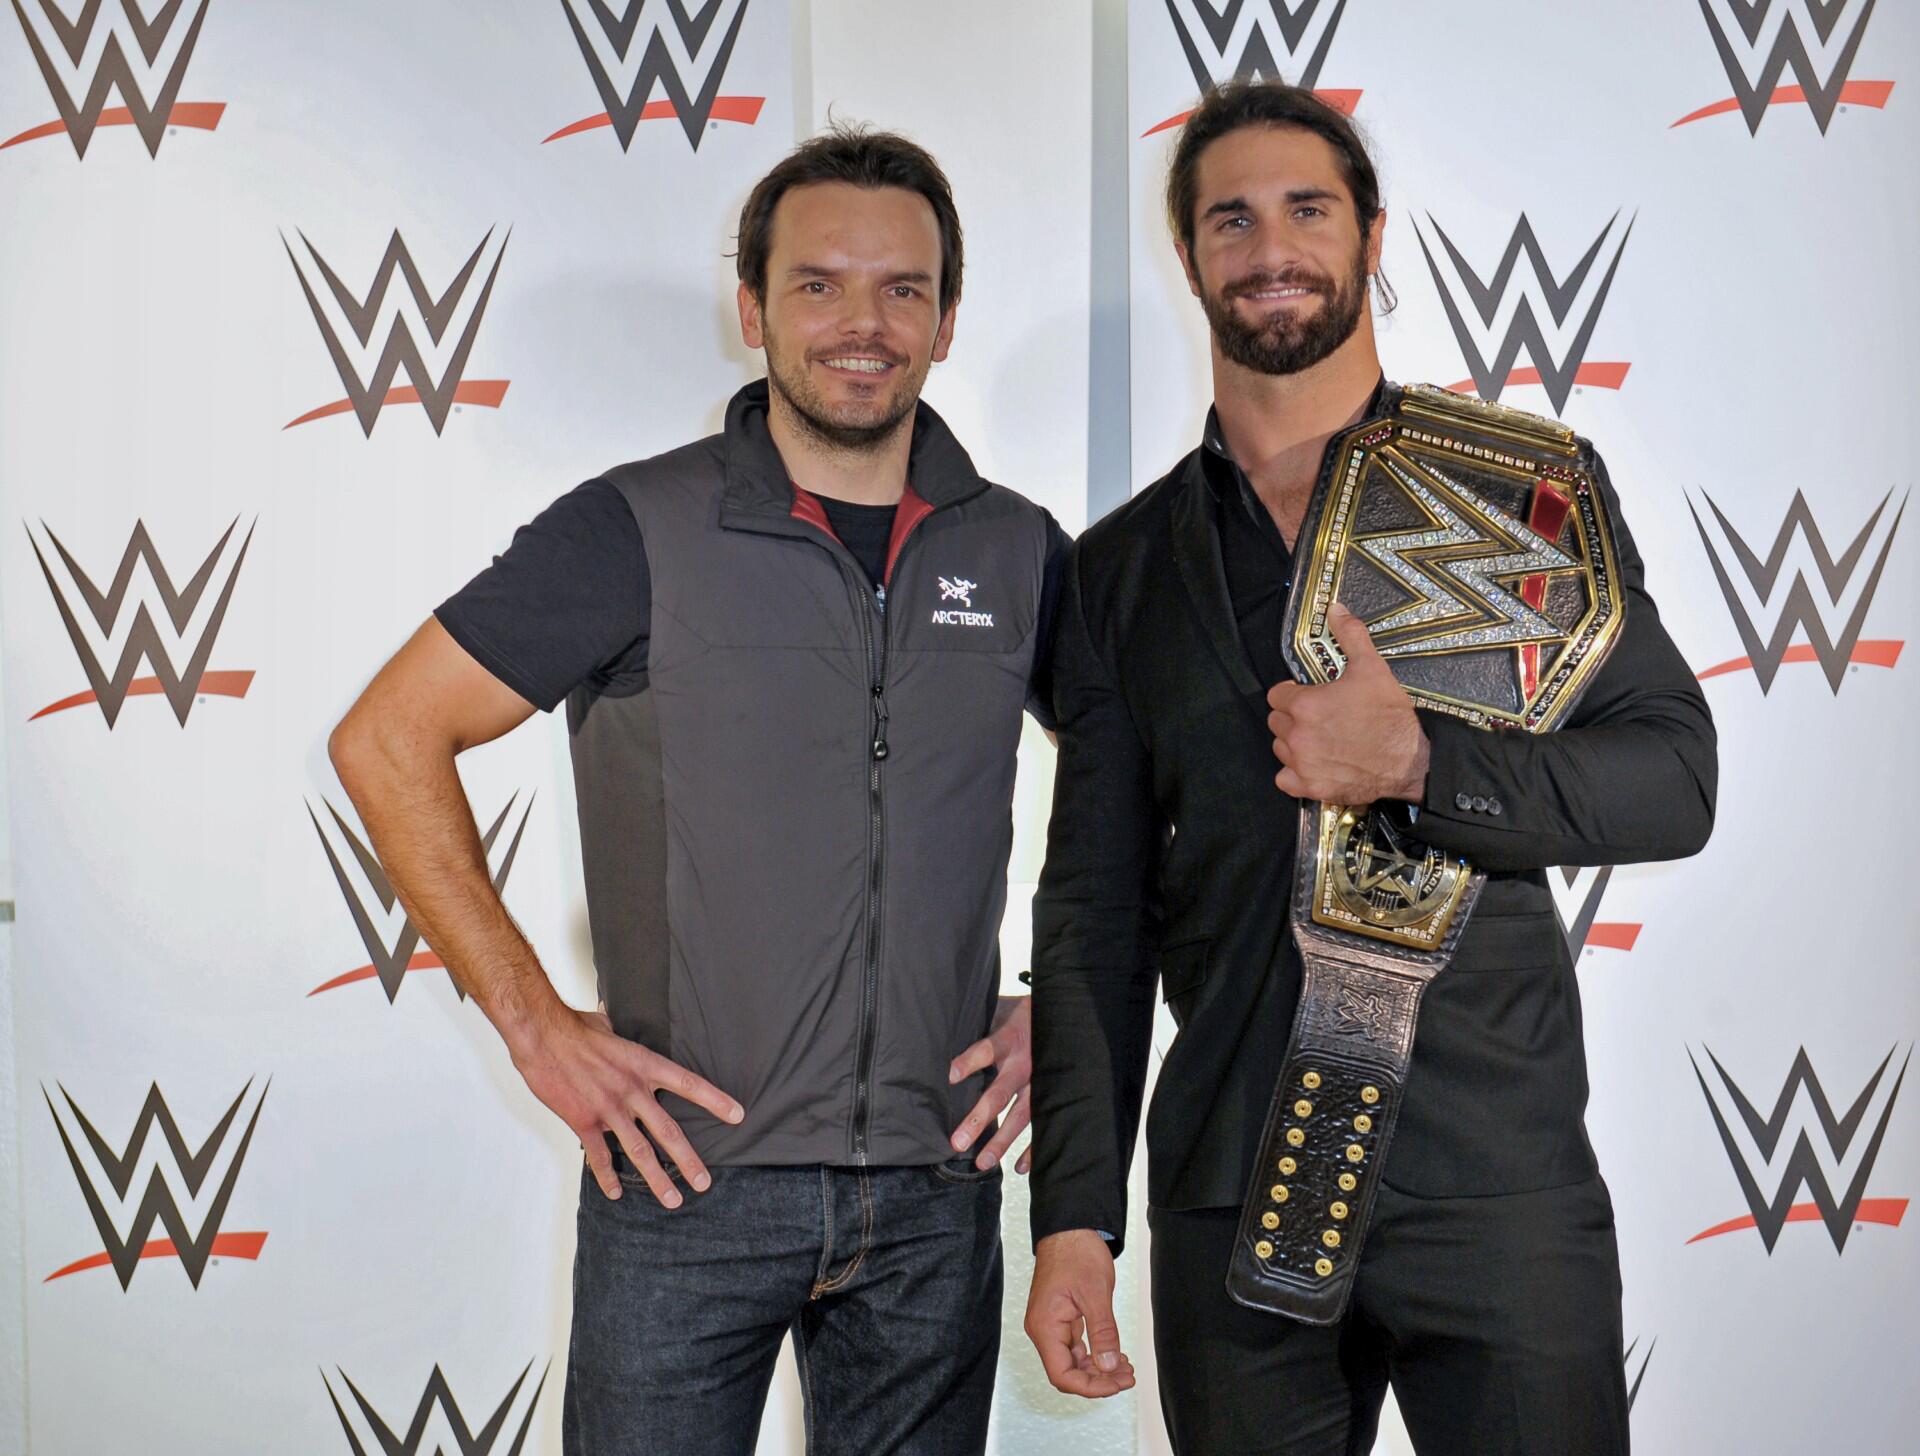 Bild zu Begeisterte Fans und Stelldichein der Promis bei der WWE LIVE in Hamburg